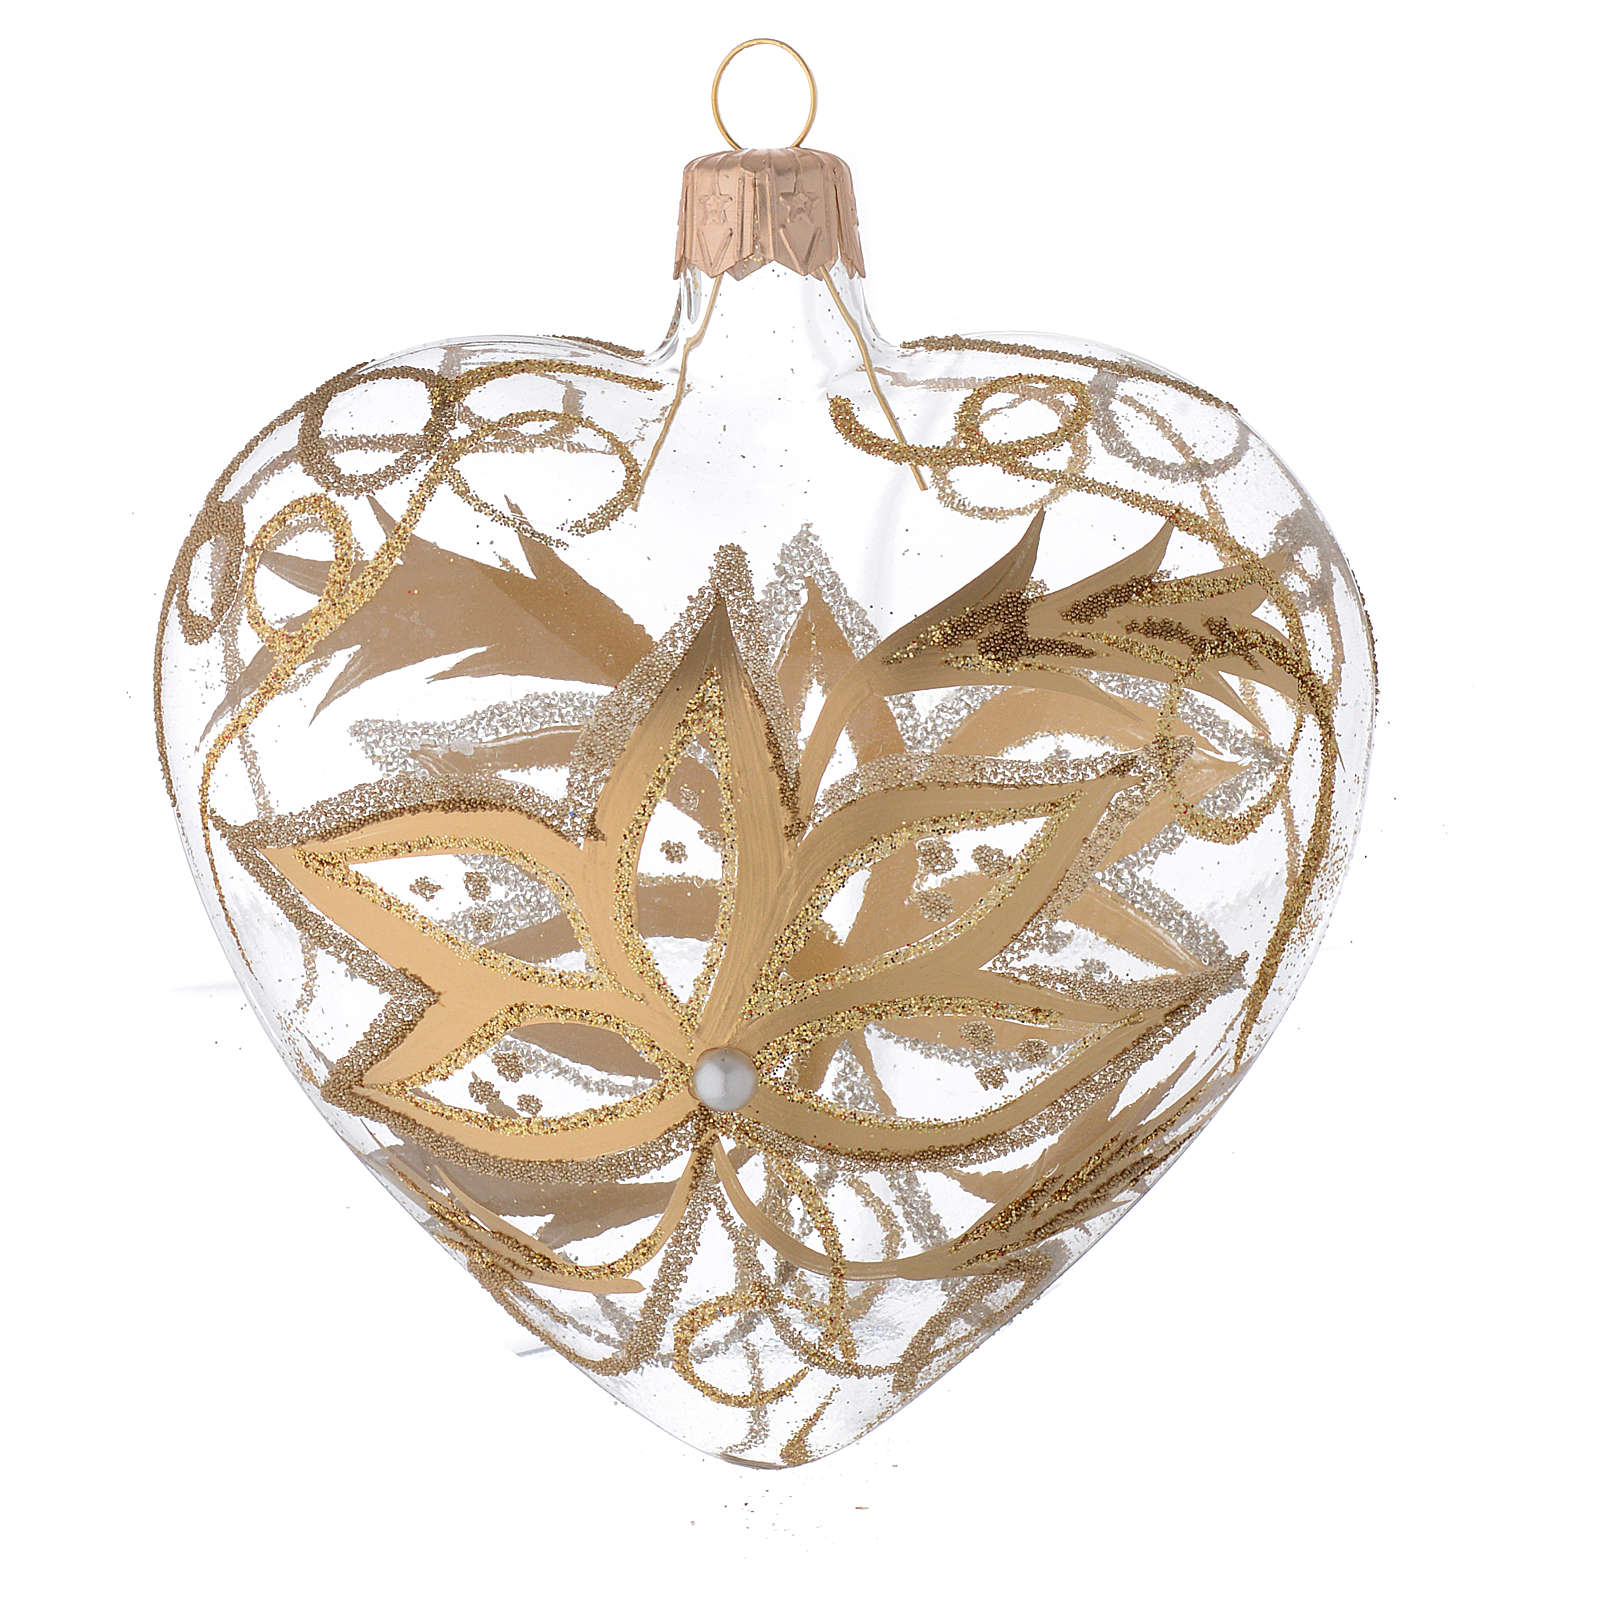 Bombka bożonarodzeniowa w kształcie serca szkło dekoracje kwiaty koloru złotego 100mm 4